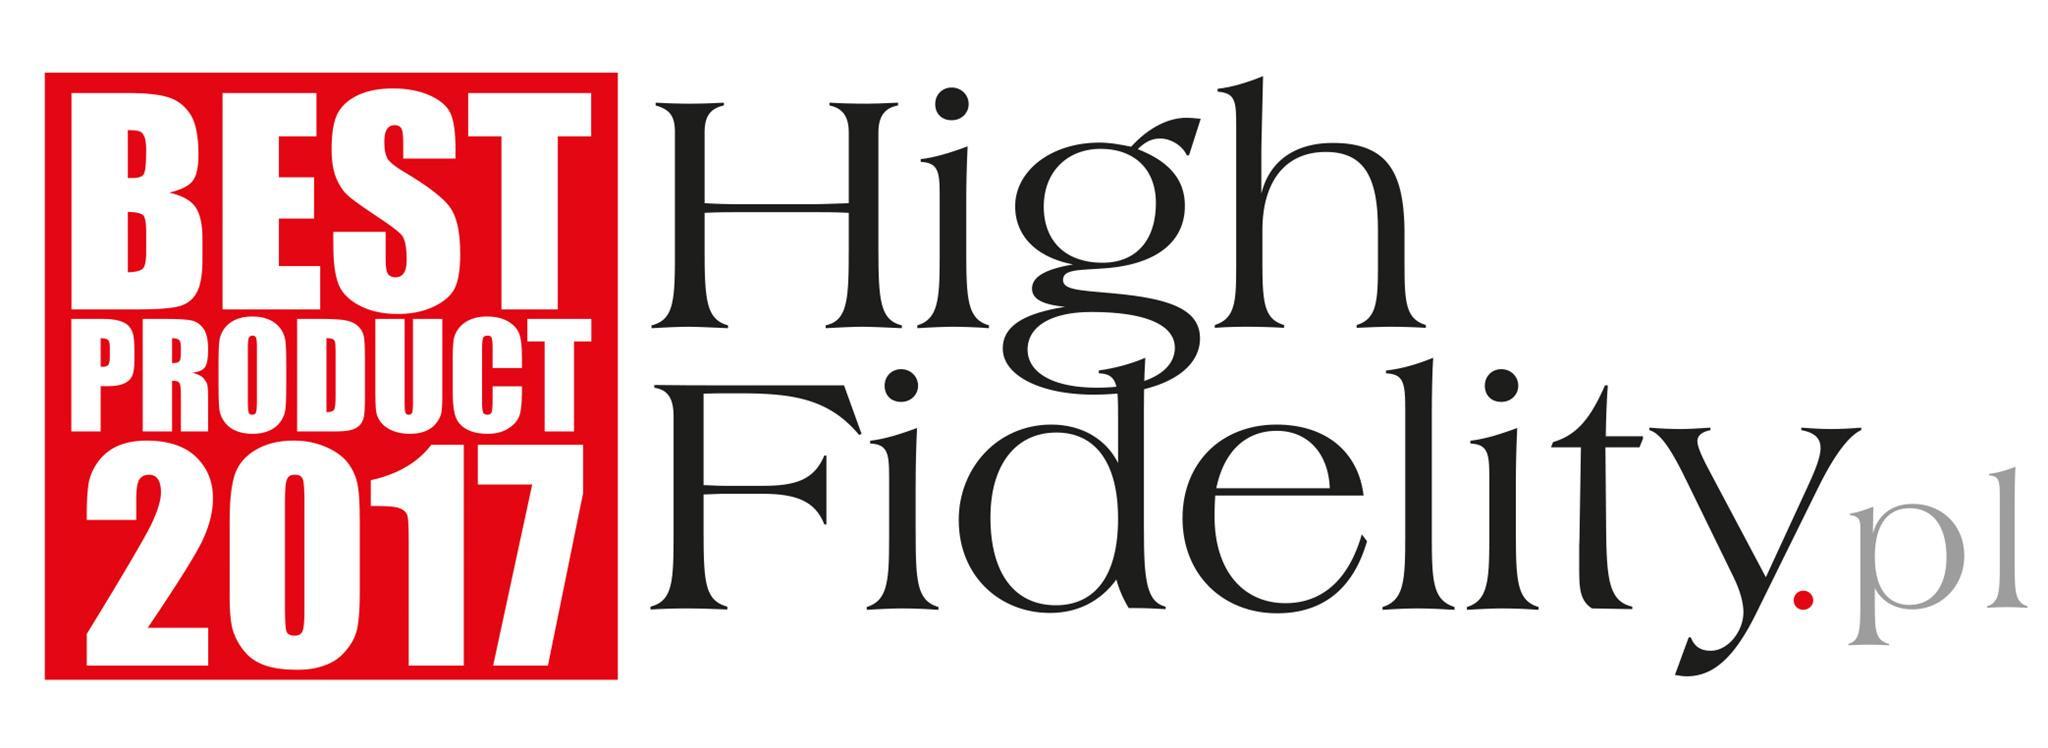 Kabel głośnikowy Tellurium Q Black II otrzymał nagrodę Produkt Roku High Fidelity 2017!